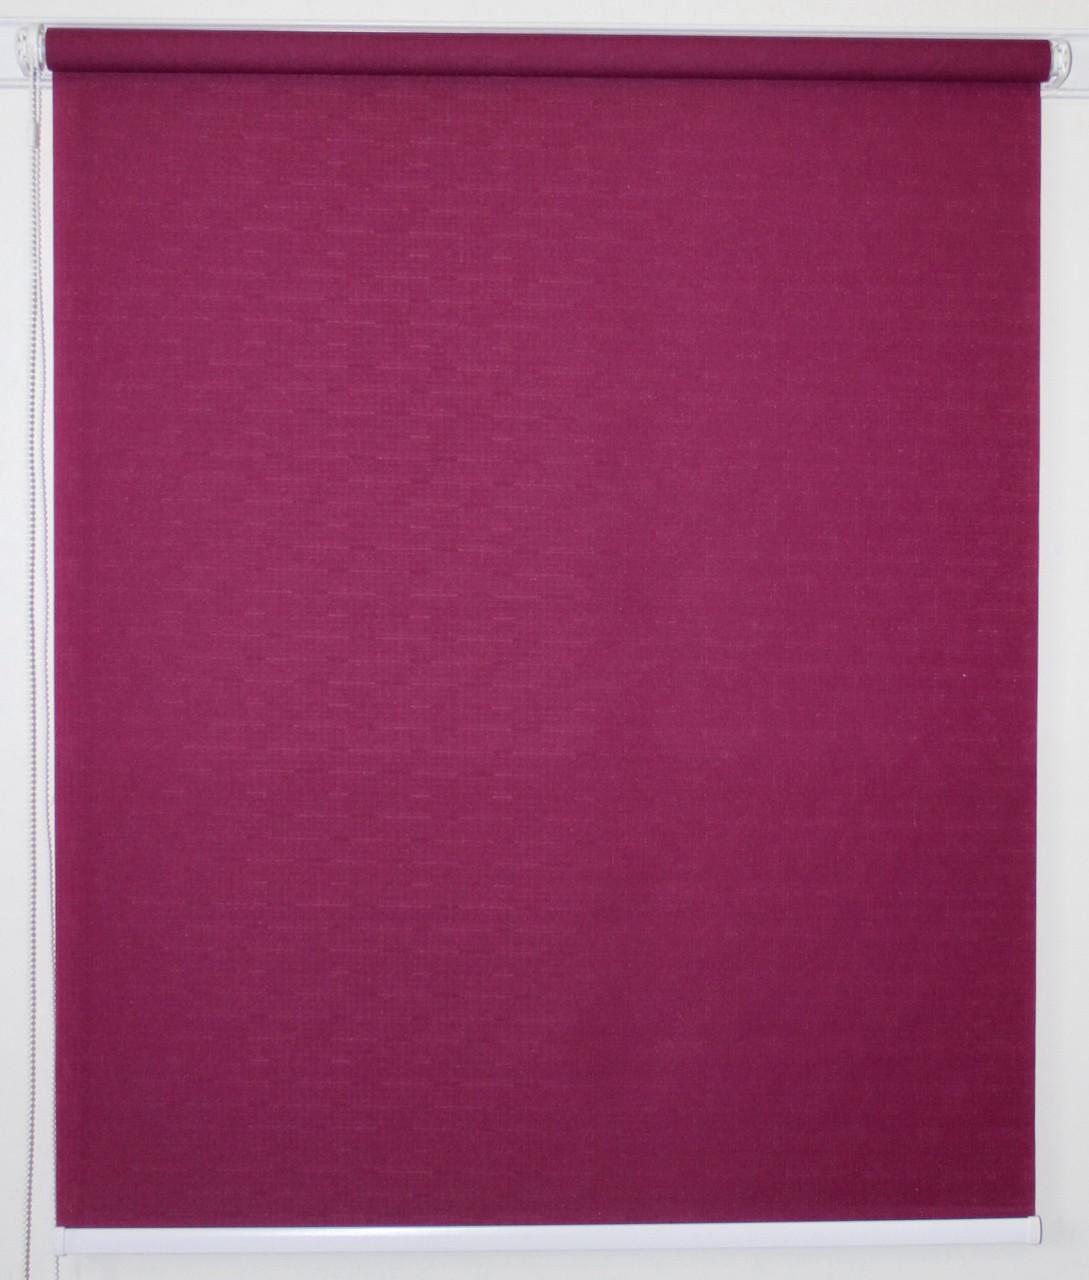 Рулонная штора 575*1500 Ткань Лён 7446 Пурпурно-красный